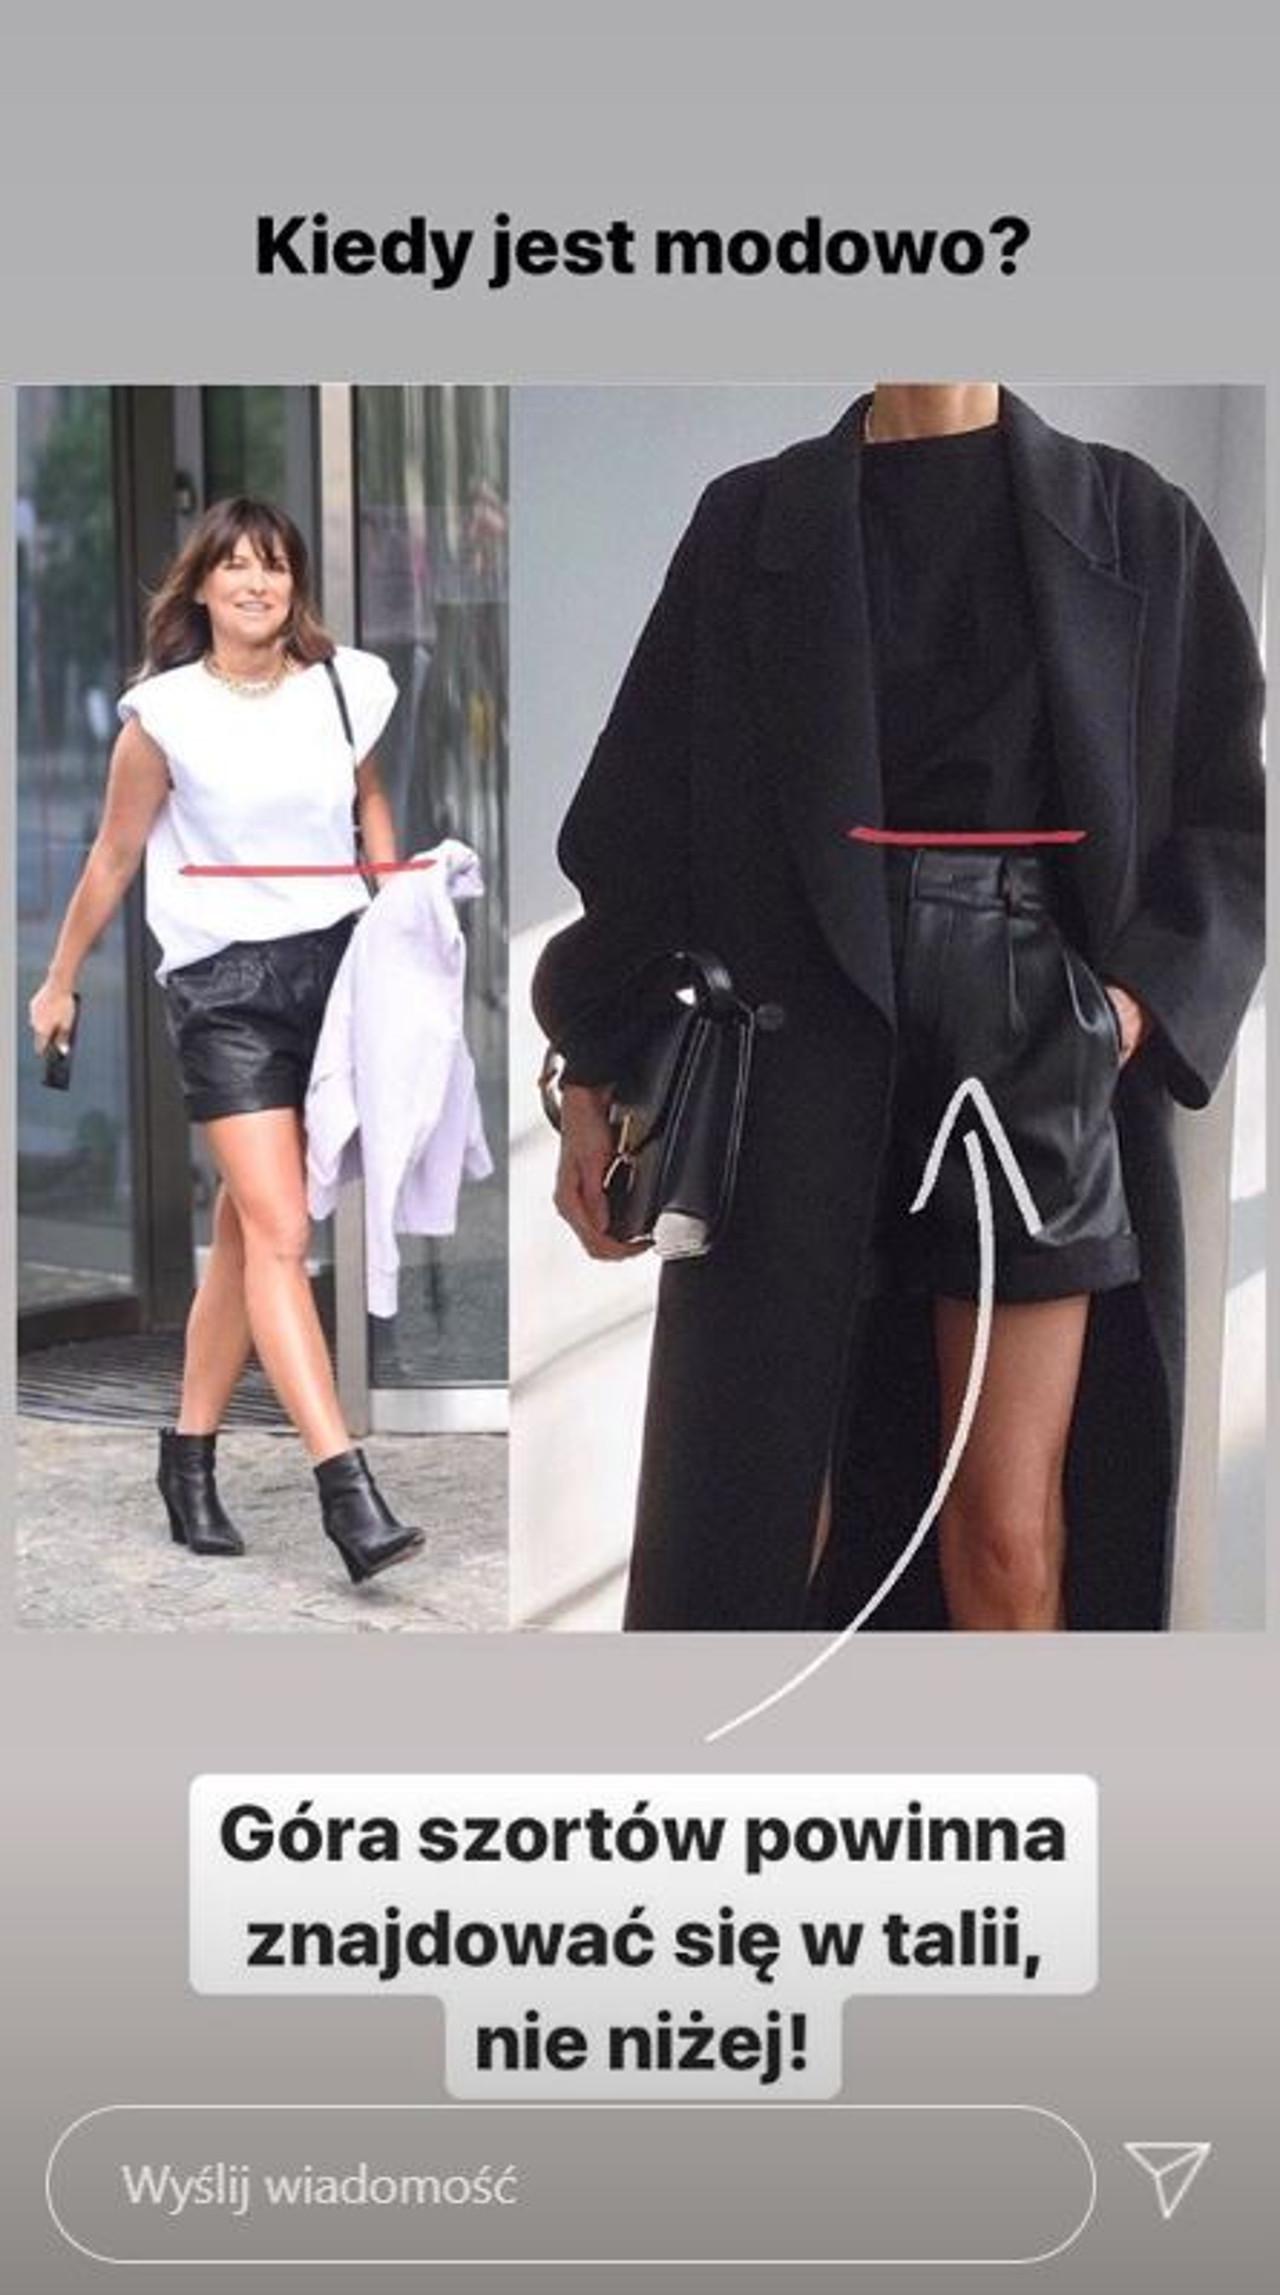 Stylistka ocenia ubiór Anny Lewandowskiej.